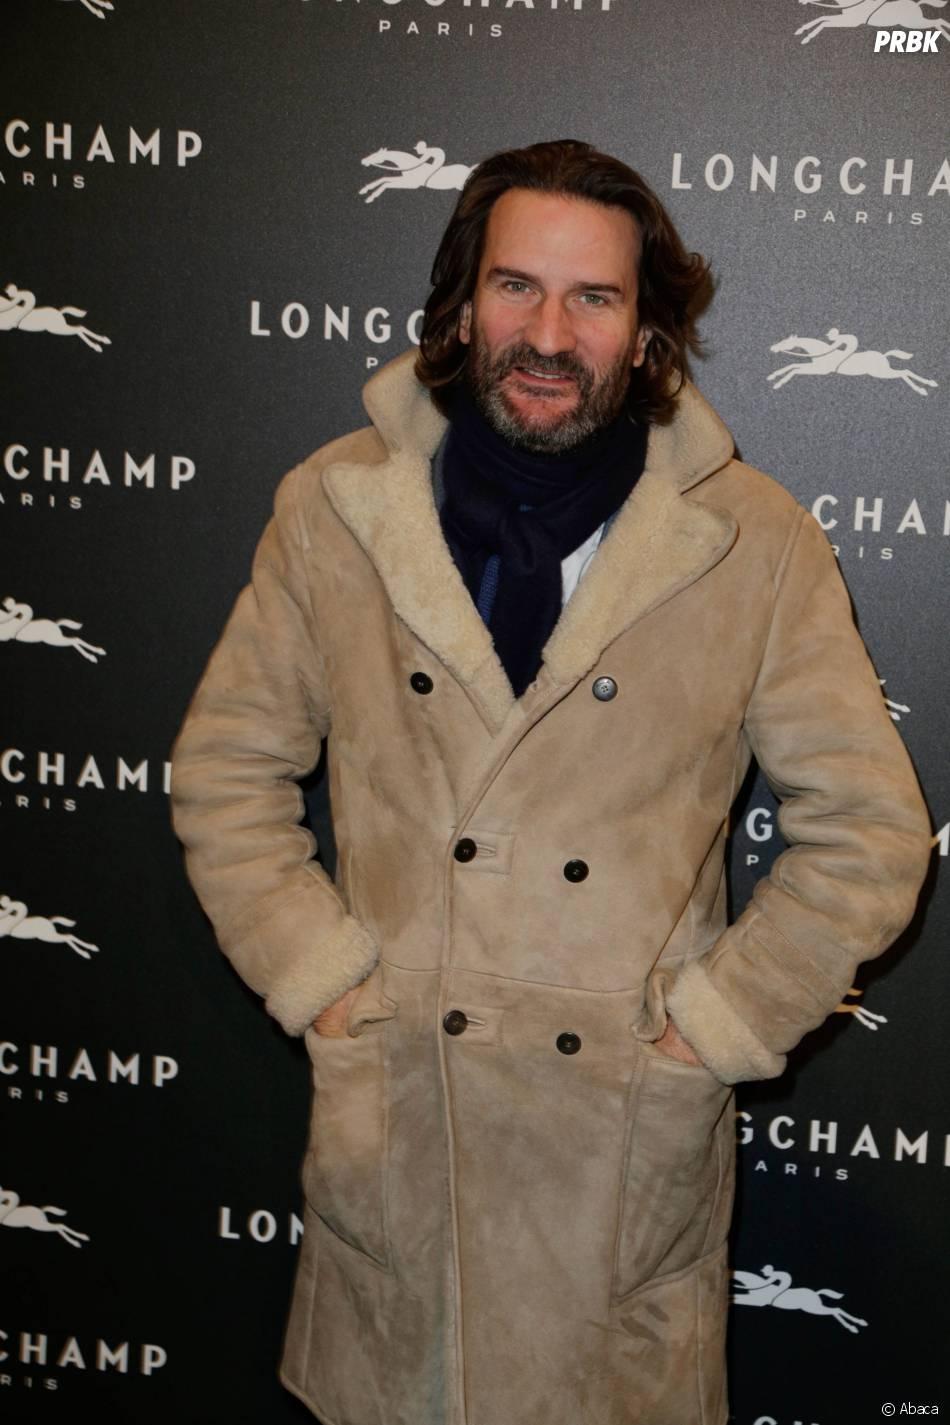 Frédéric Beigbeder à l'ouverture de la boutique Longchamp sur les Champs Elysées à Paris, le 4 décembre 2014